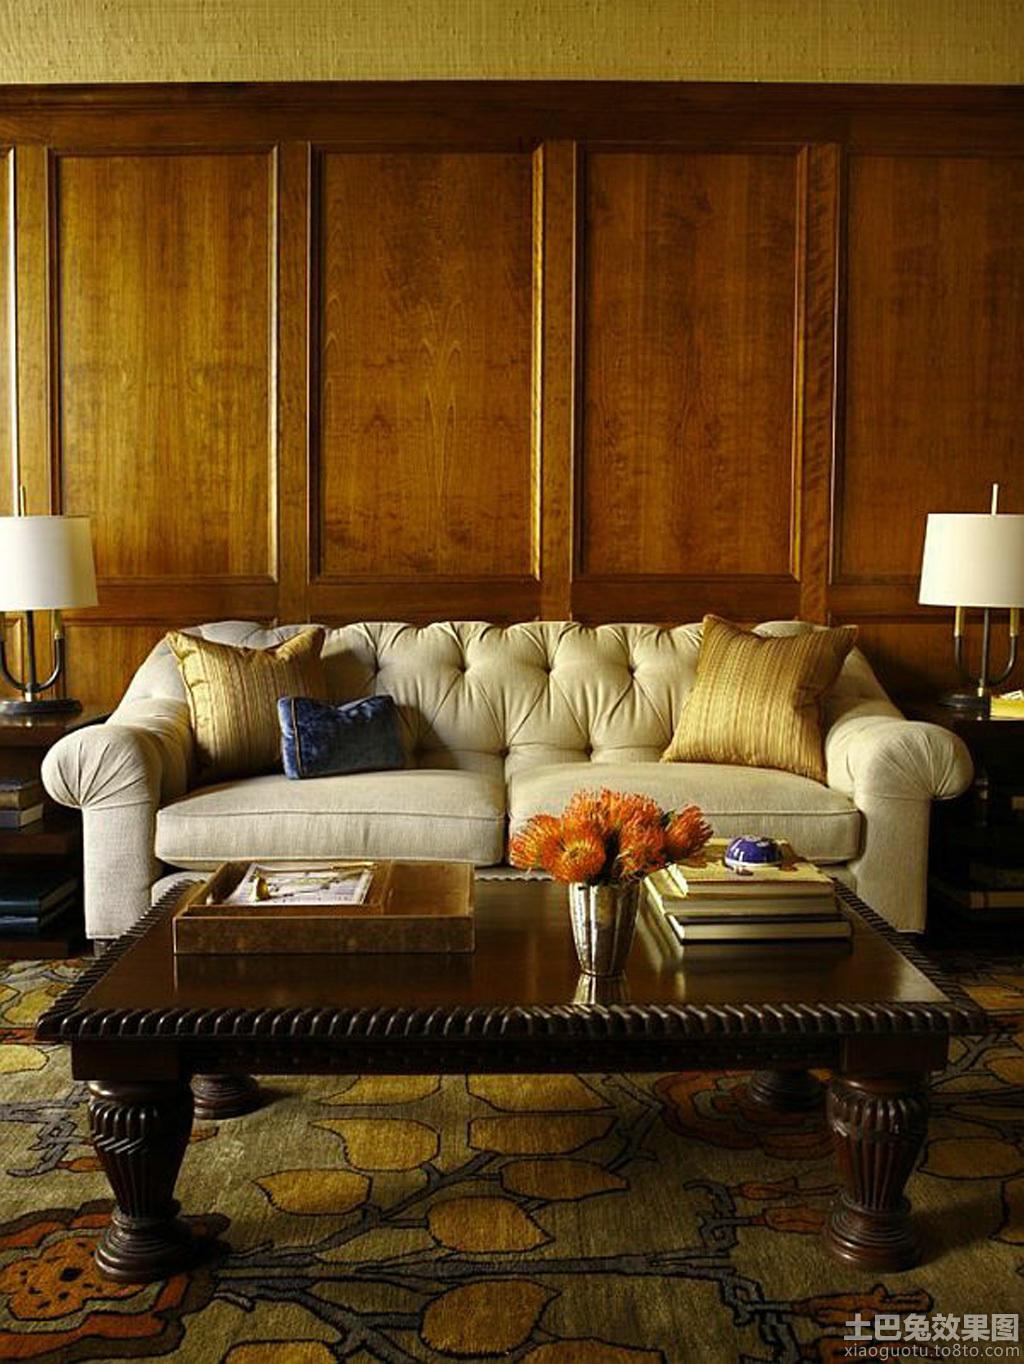 客厅原木护墙板图片装修效果图_第9张 - 家居图库